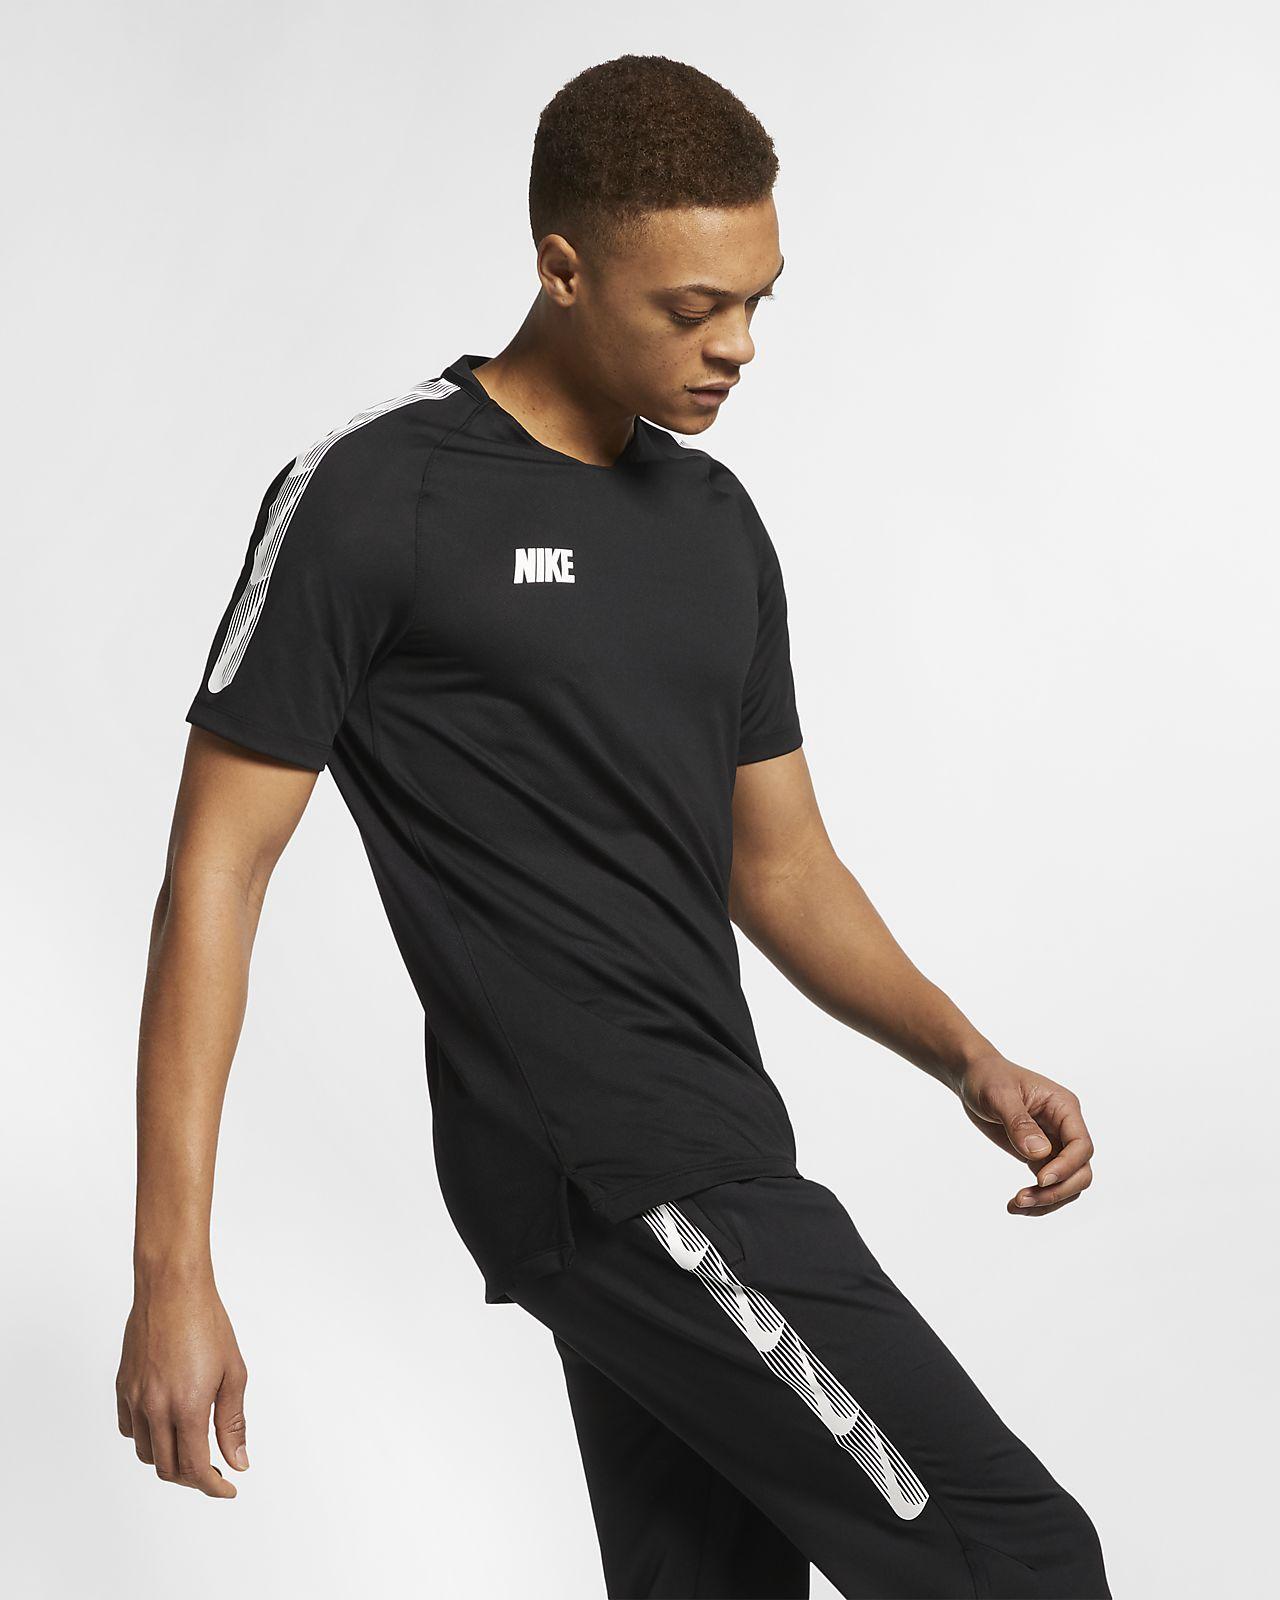 Pánské fotbalové tričko Nike Breathe Squad s krátkým rukávem